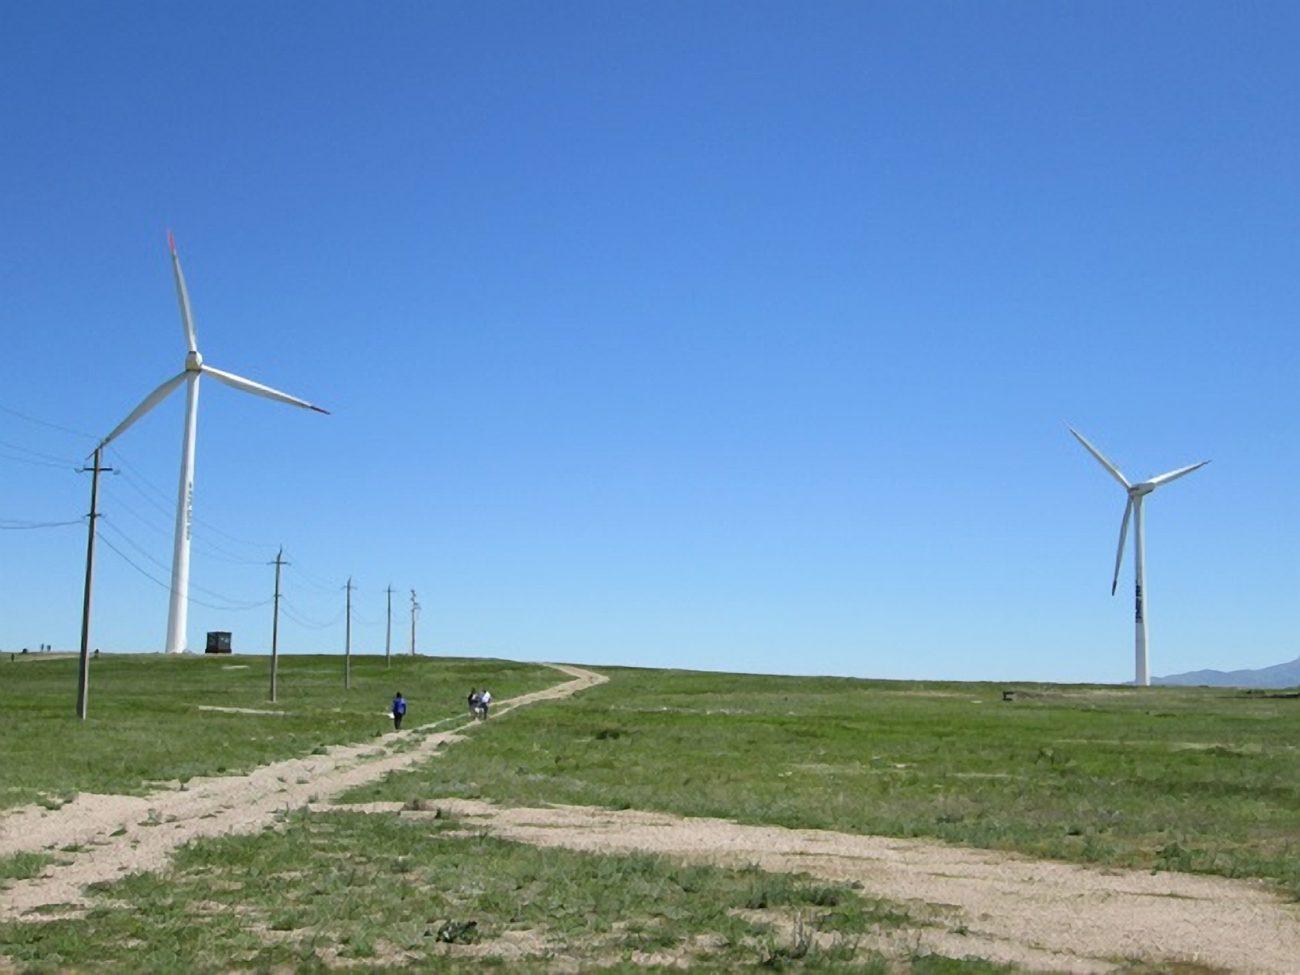 Kazakhstan Economie Energie Solaire Éolien Investissement Ecologie